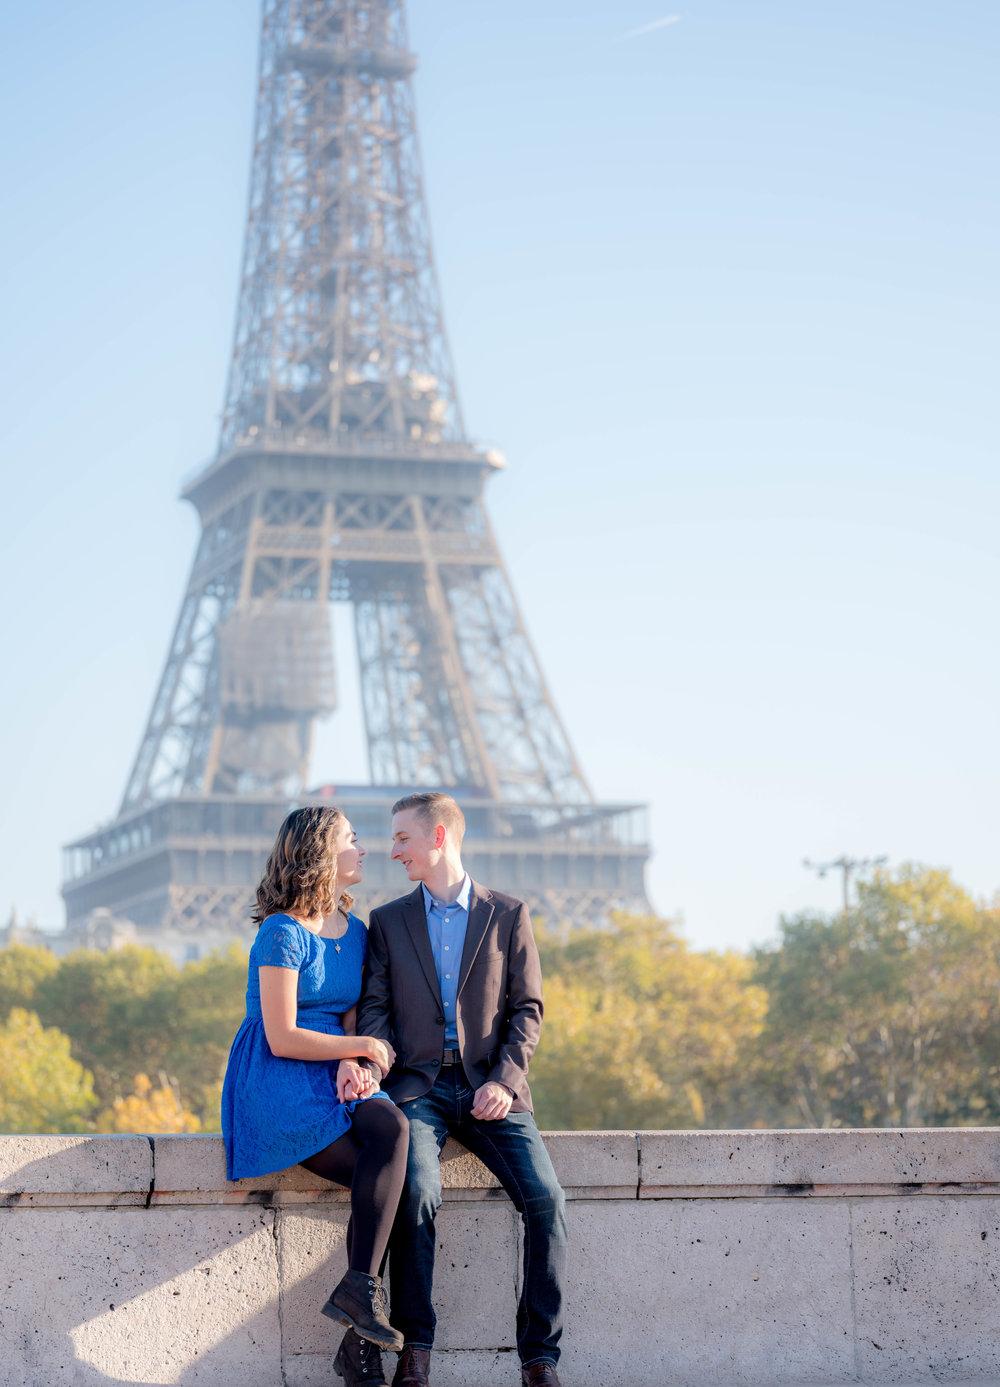 surprise proposal paris eiffel tower young couple